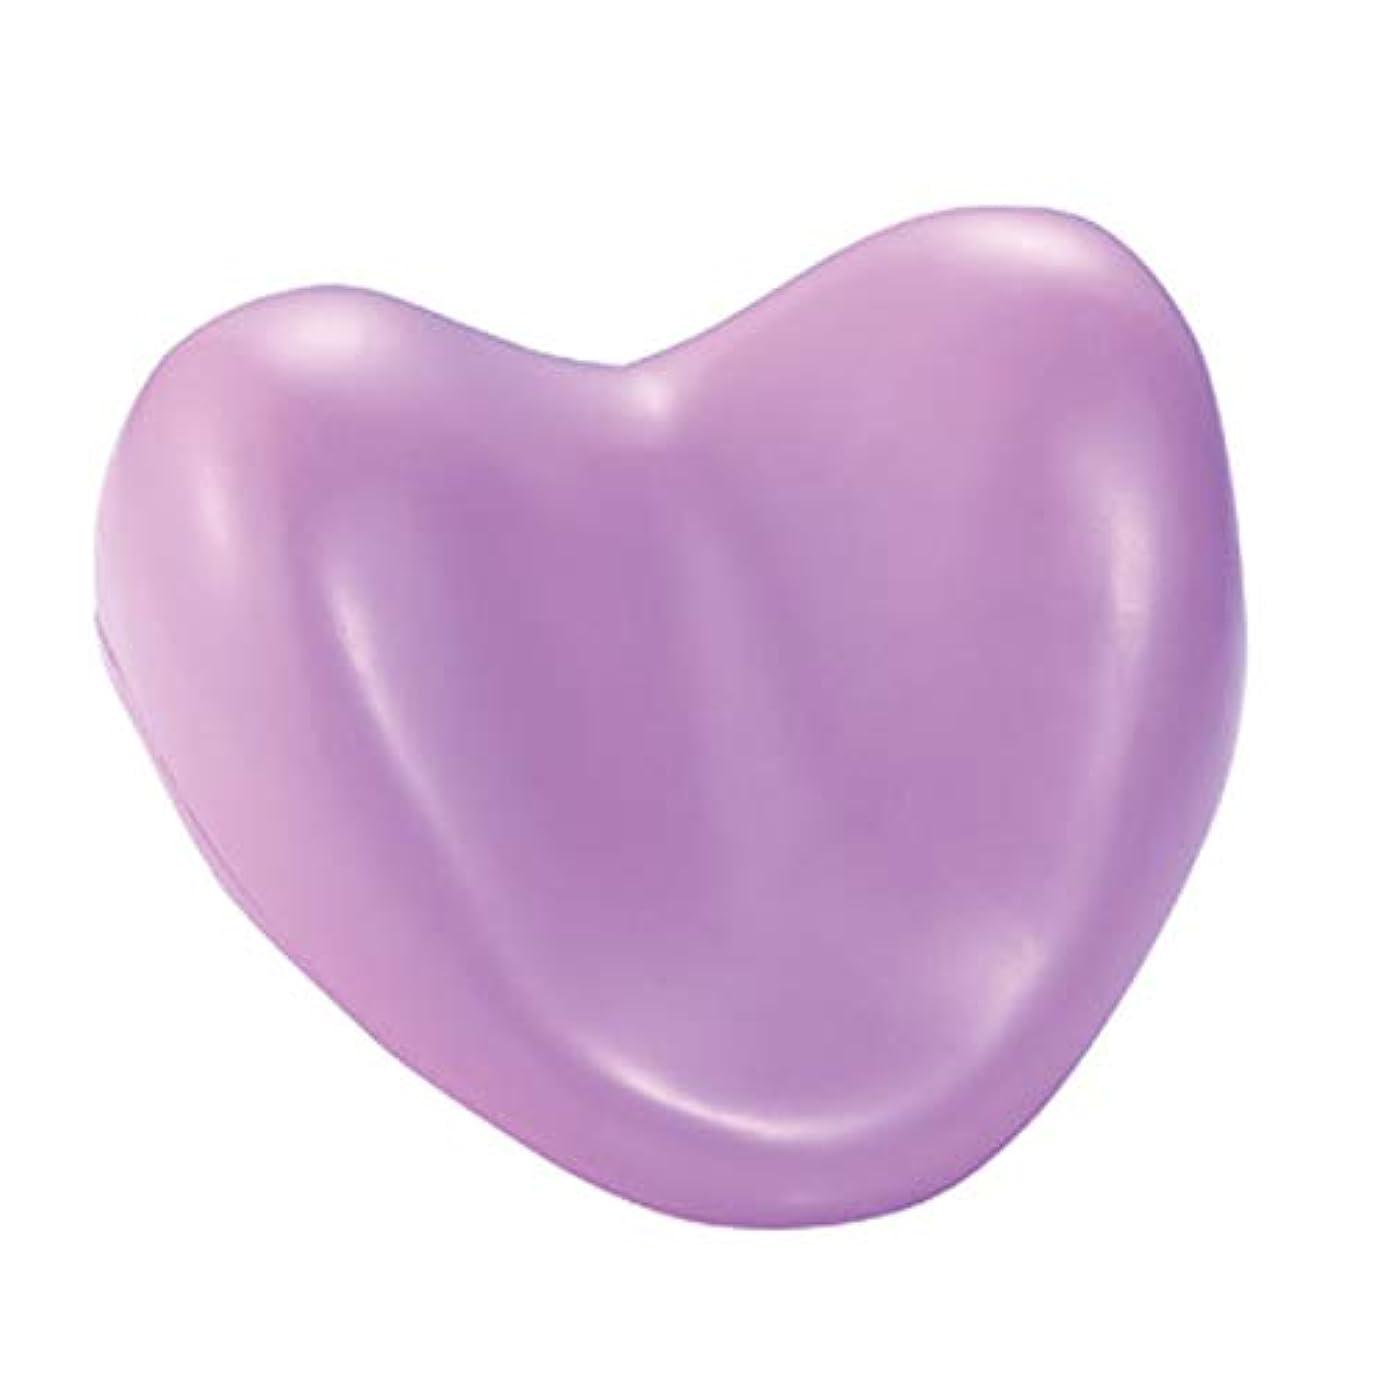 レース大聖堂失礼なサクションカップ付きウェルネスバスピローハート型PUフォームサポート枕温水浴槽とスパ浴槽,Purple